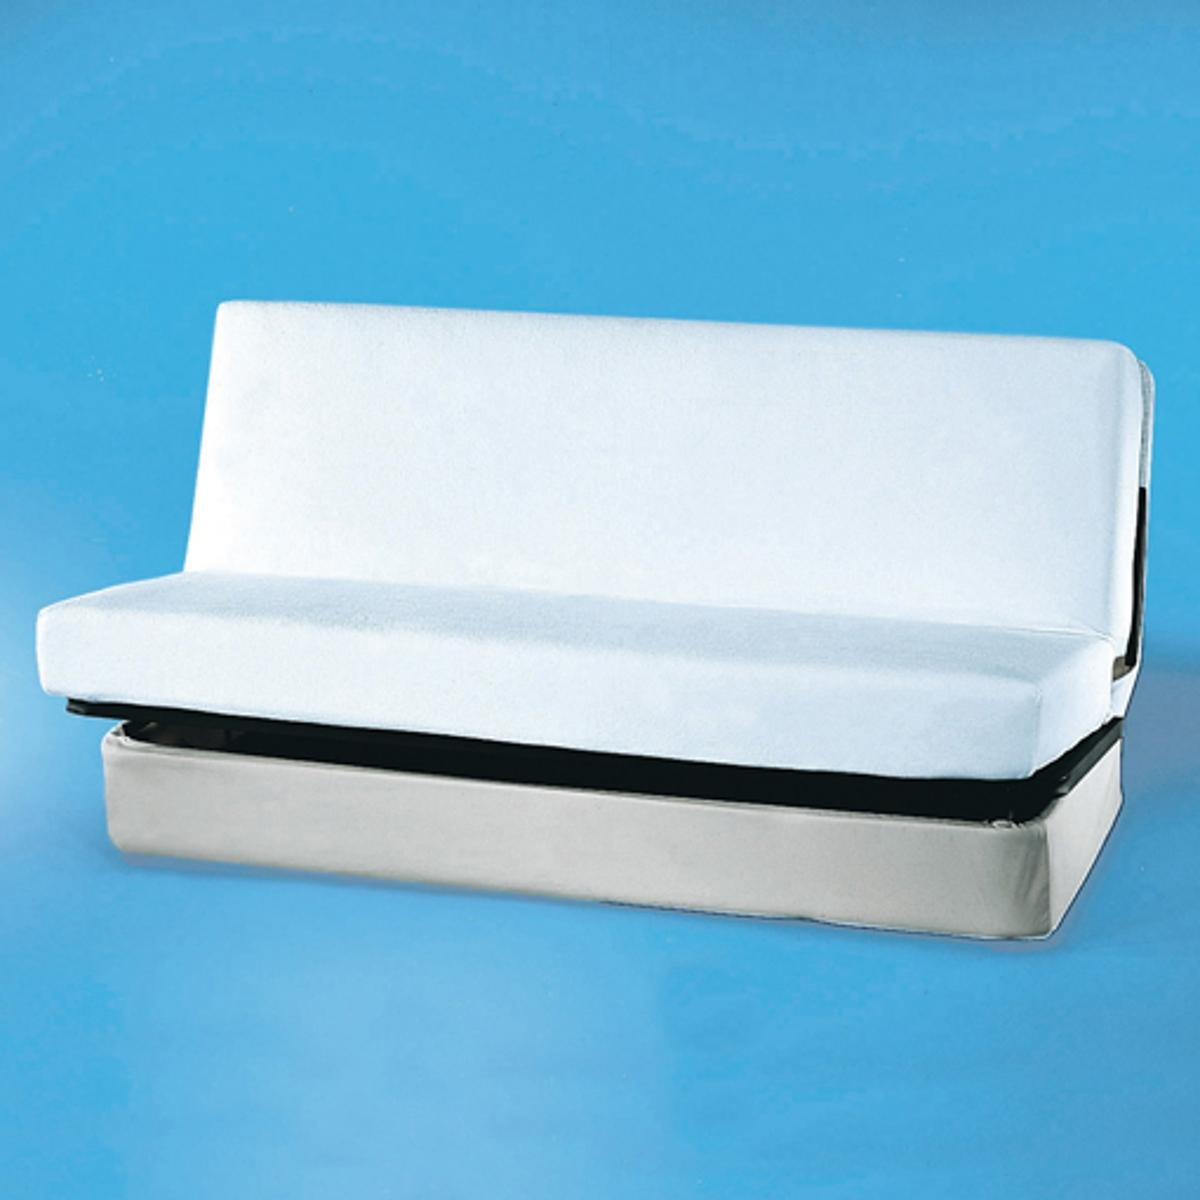 Защитный чехол из эластичной губчатой ткани для складного матрасаУдобный защитный чехол из эластичной губчатой ткани впитывает влагу, выделяемую телом во время сна и защищает Ваше постельное бельё от пятен, бактерий и клещей.. Нежная и долговечная клеёнка из мягкой губчатой ткани для складного матраса80% хлопка, 20% полиэстера, 170г/м?.Легко растягивается по размеру матраса.Ширина 120/130, длина 190 см. Стирка при 60°.<br><br>Цвет: белый<br>Размер: 130 x 190 см